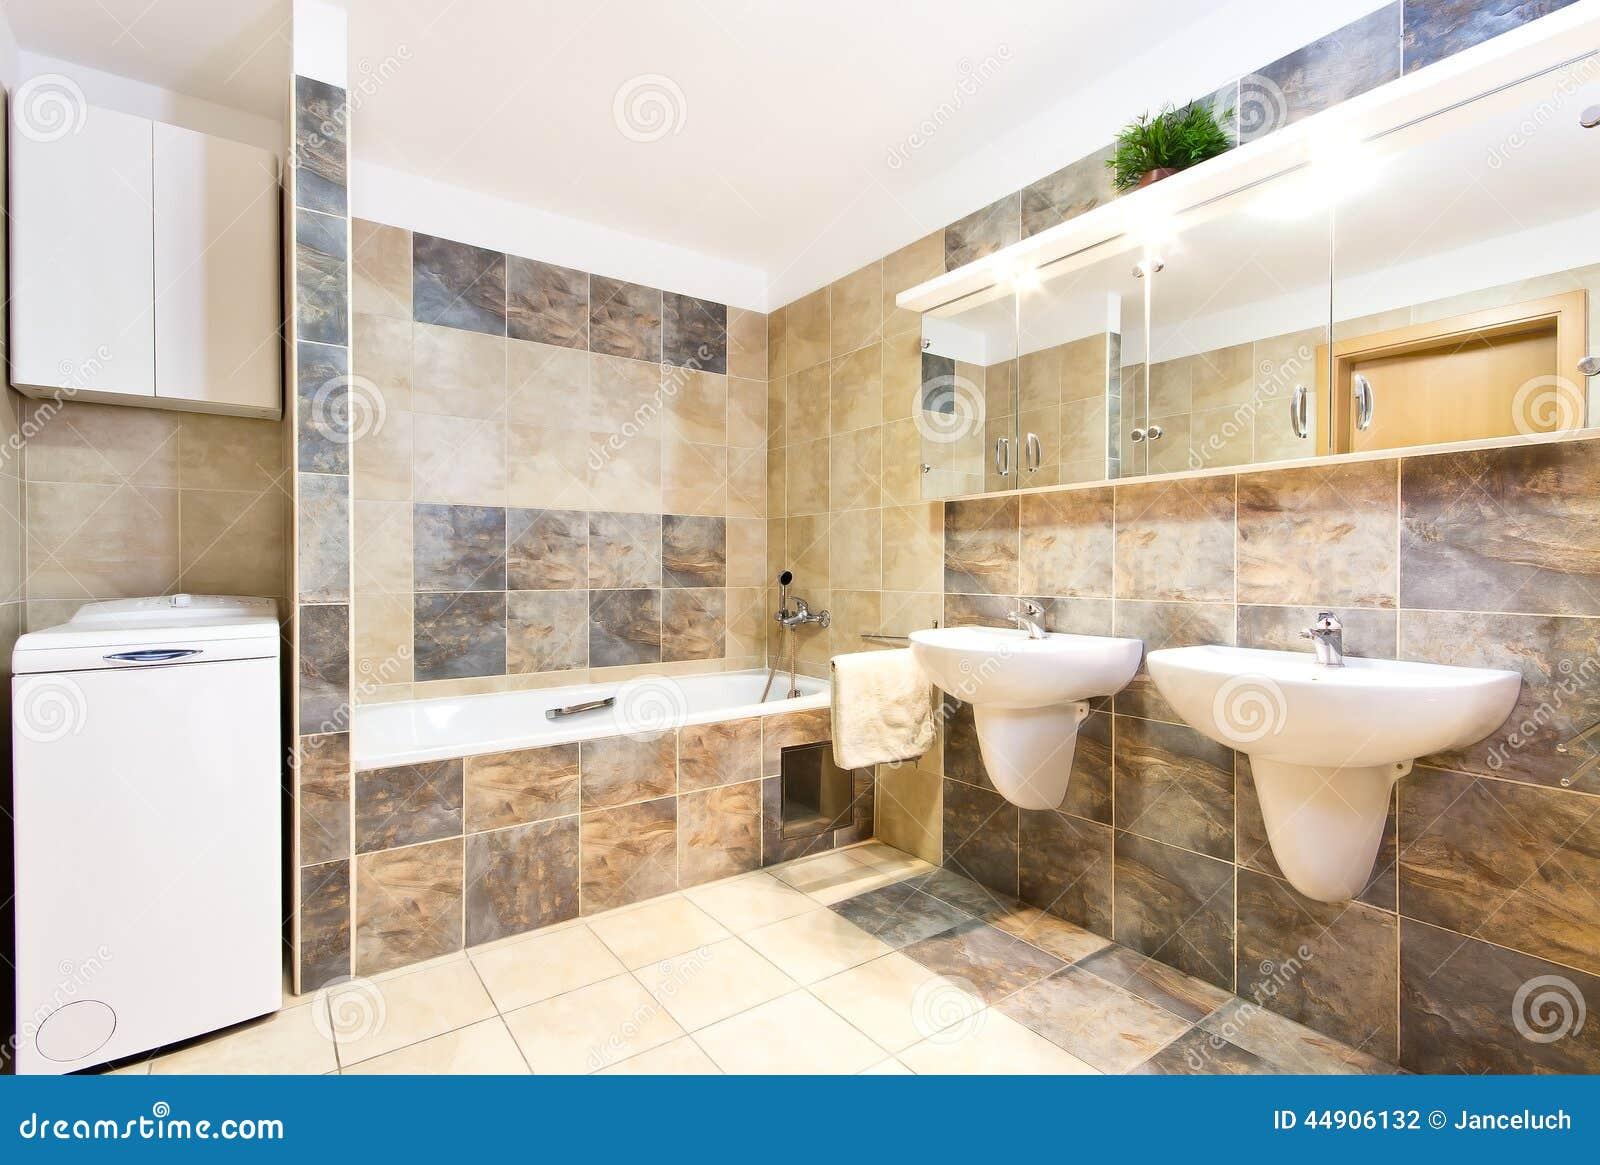 Bagno Pulito Moderno Con Due Lavandini Fotografia Stock - Immagine: 44906132